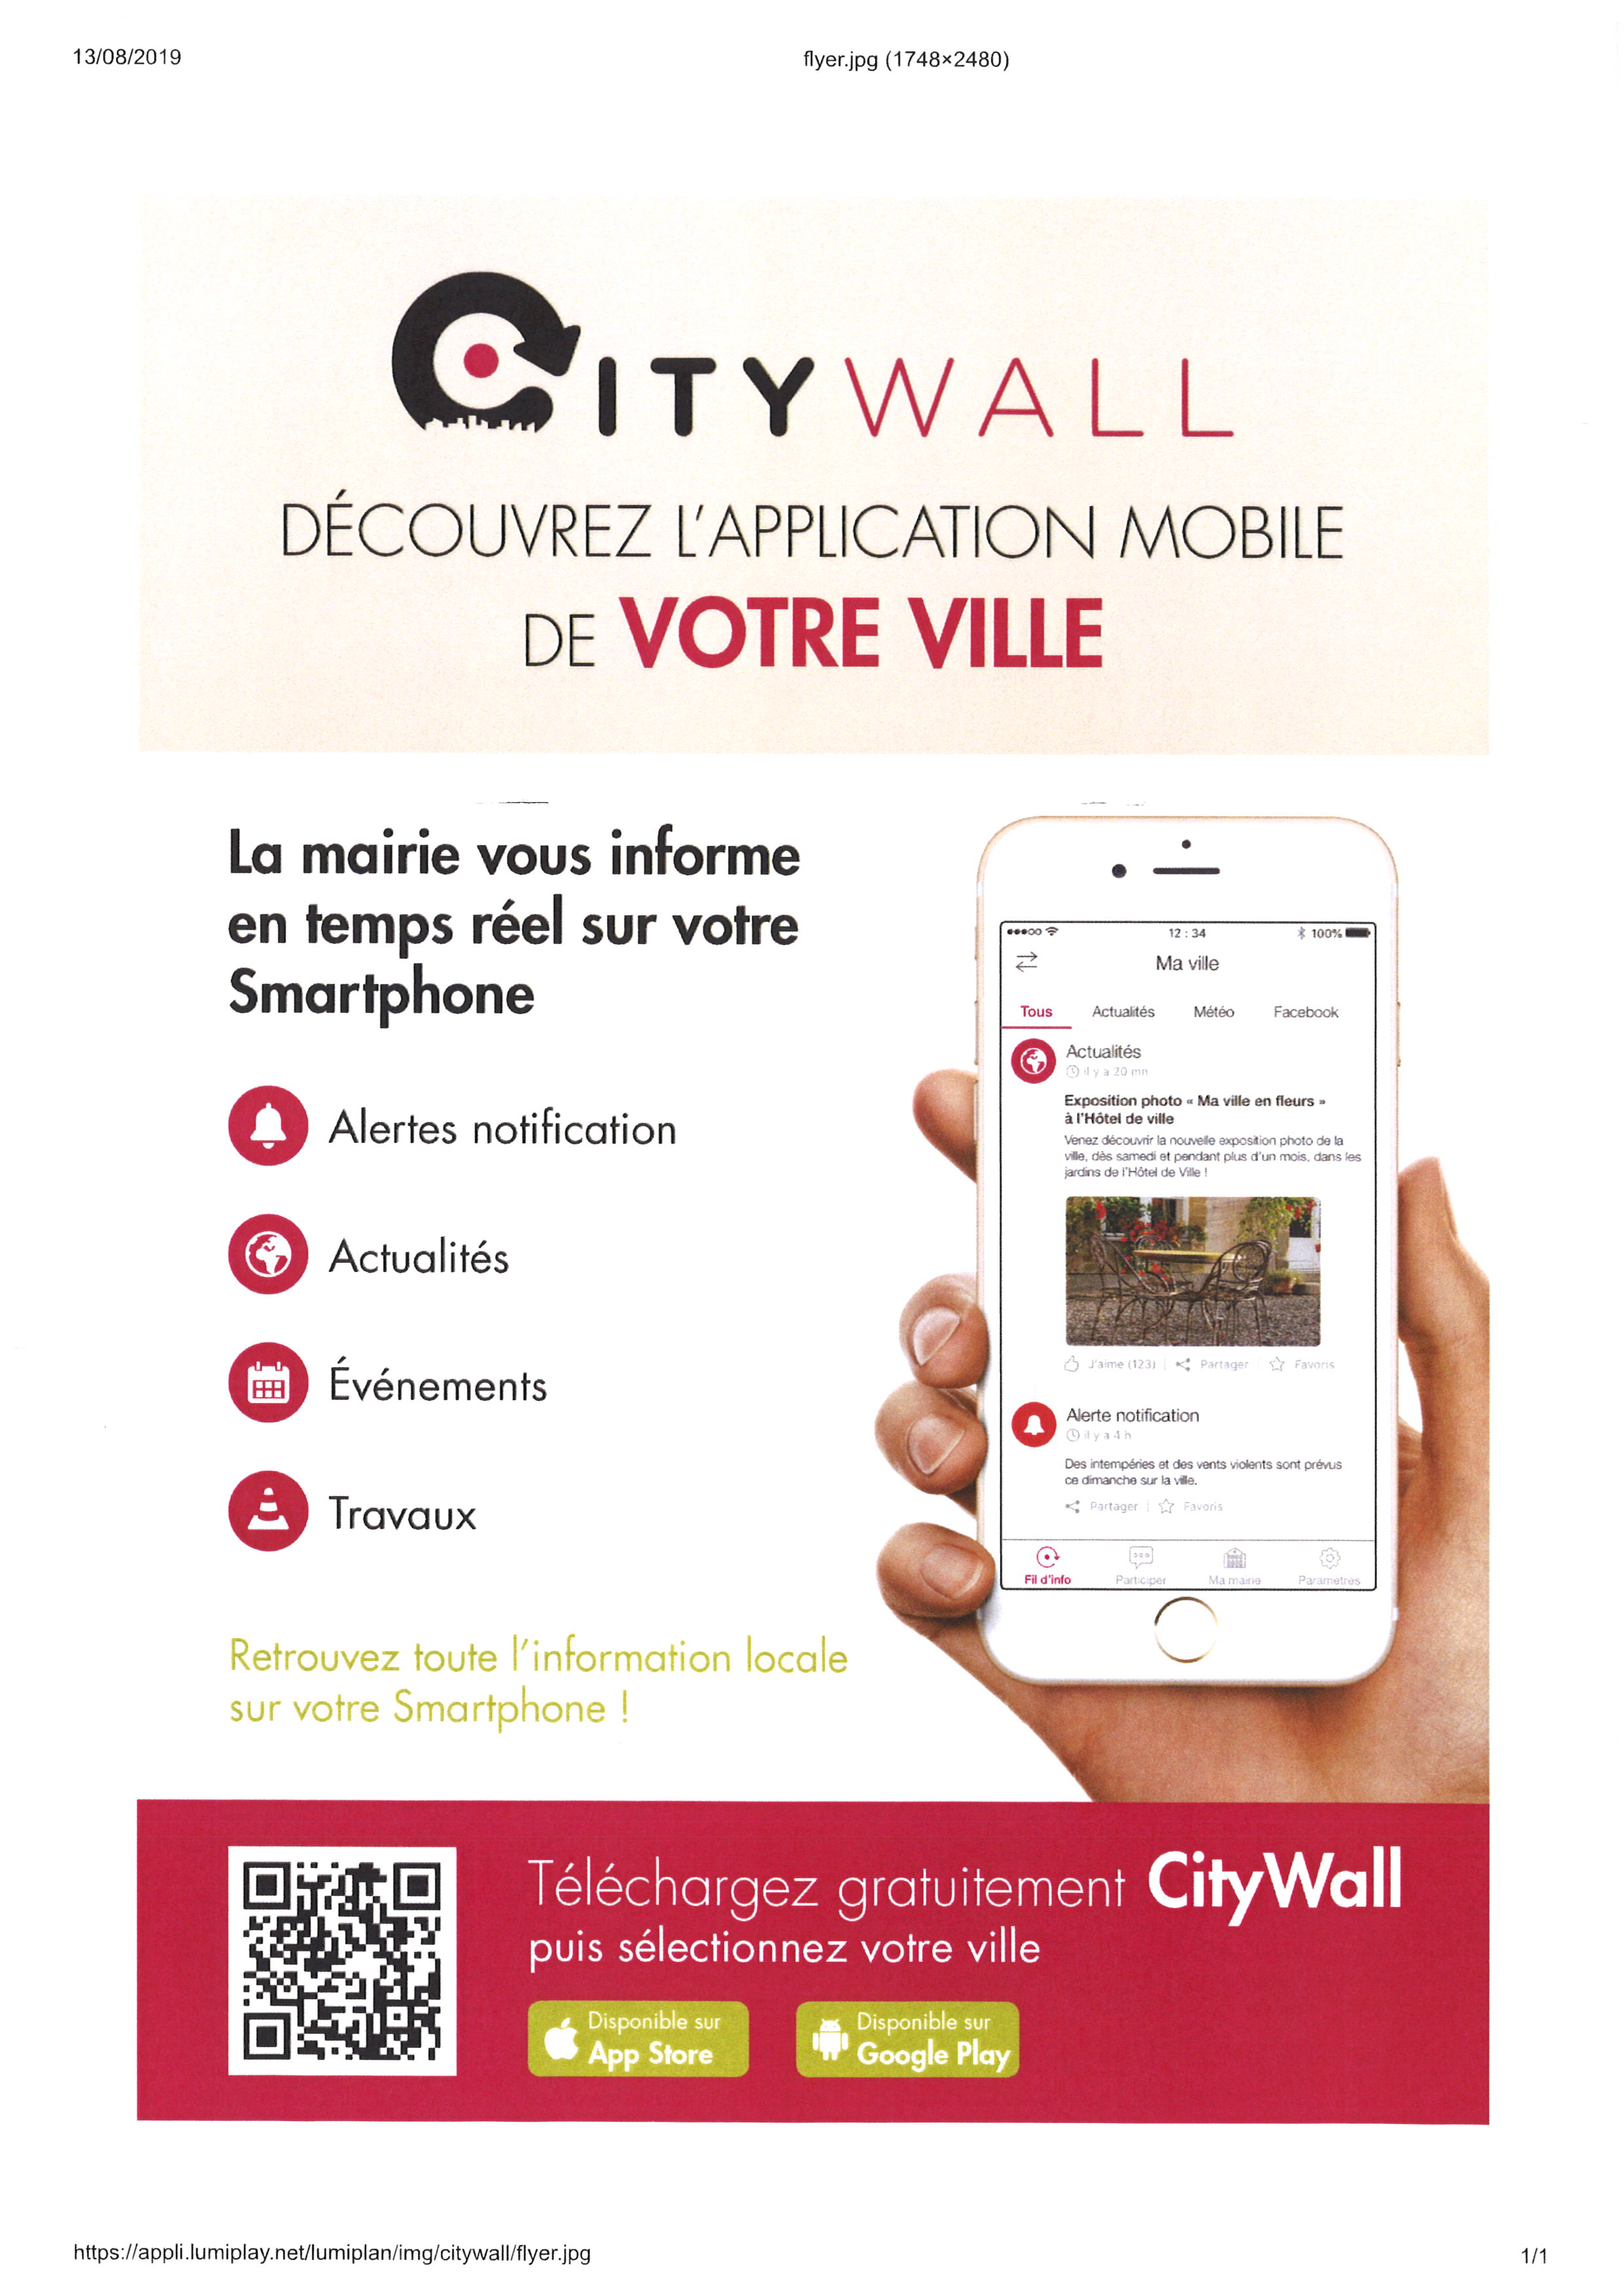 APPLICATION MOBILE CITY WALL de votre ville à télécharger